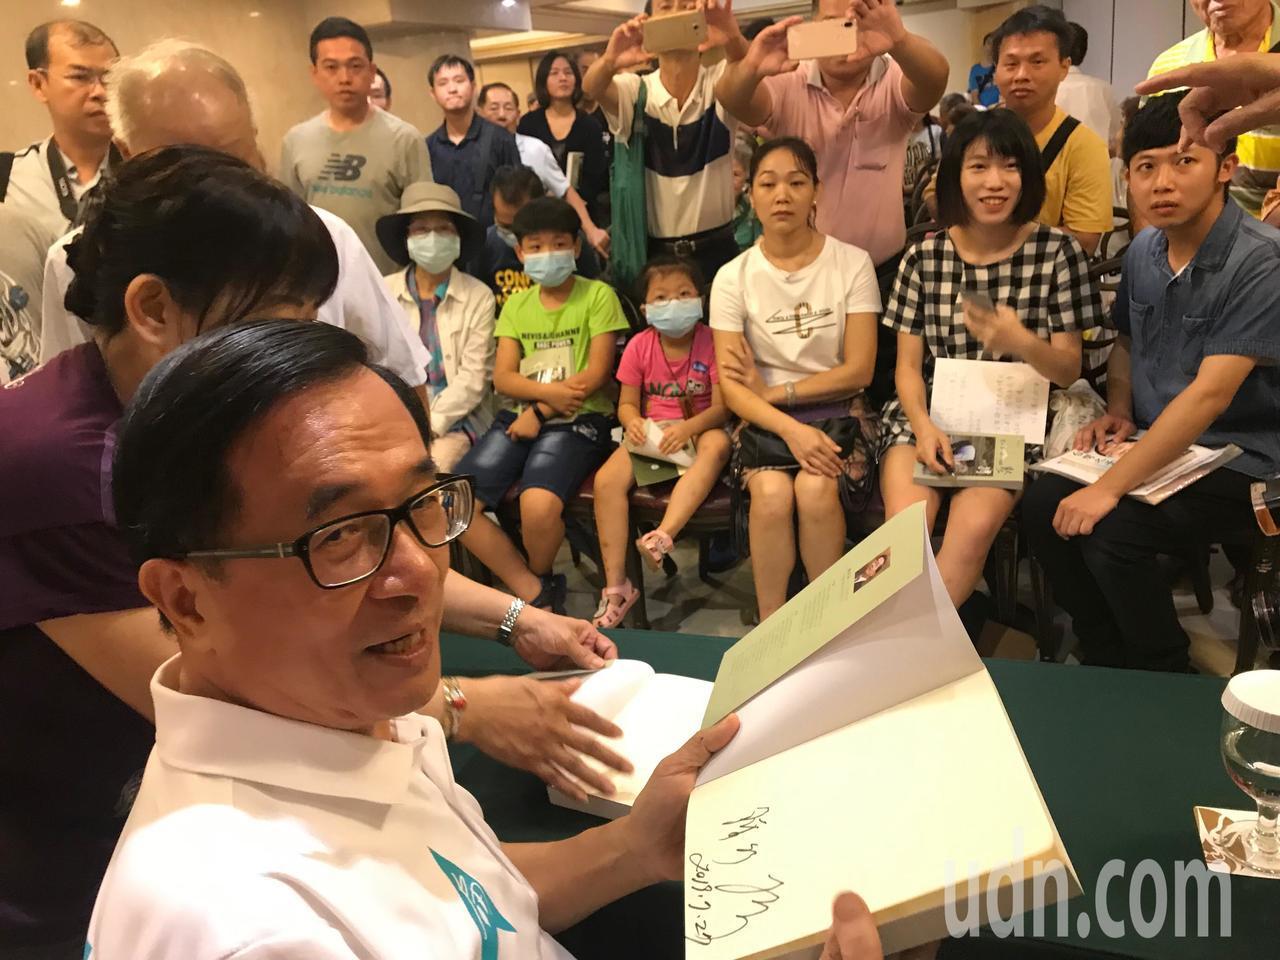 前總統陳水扁今到台中辦簽書會,現場湧入上百名扁迷。記者洪敬浤/攝影